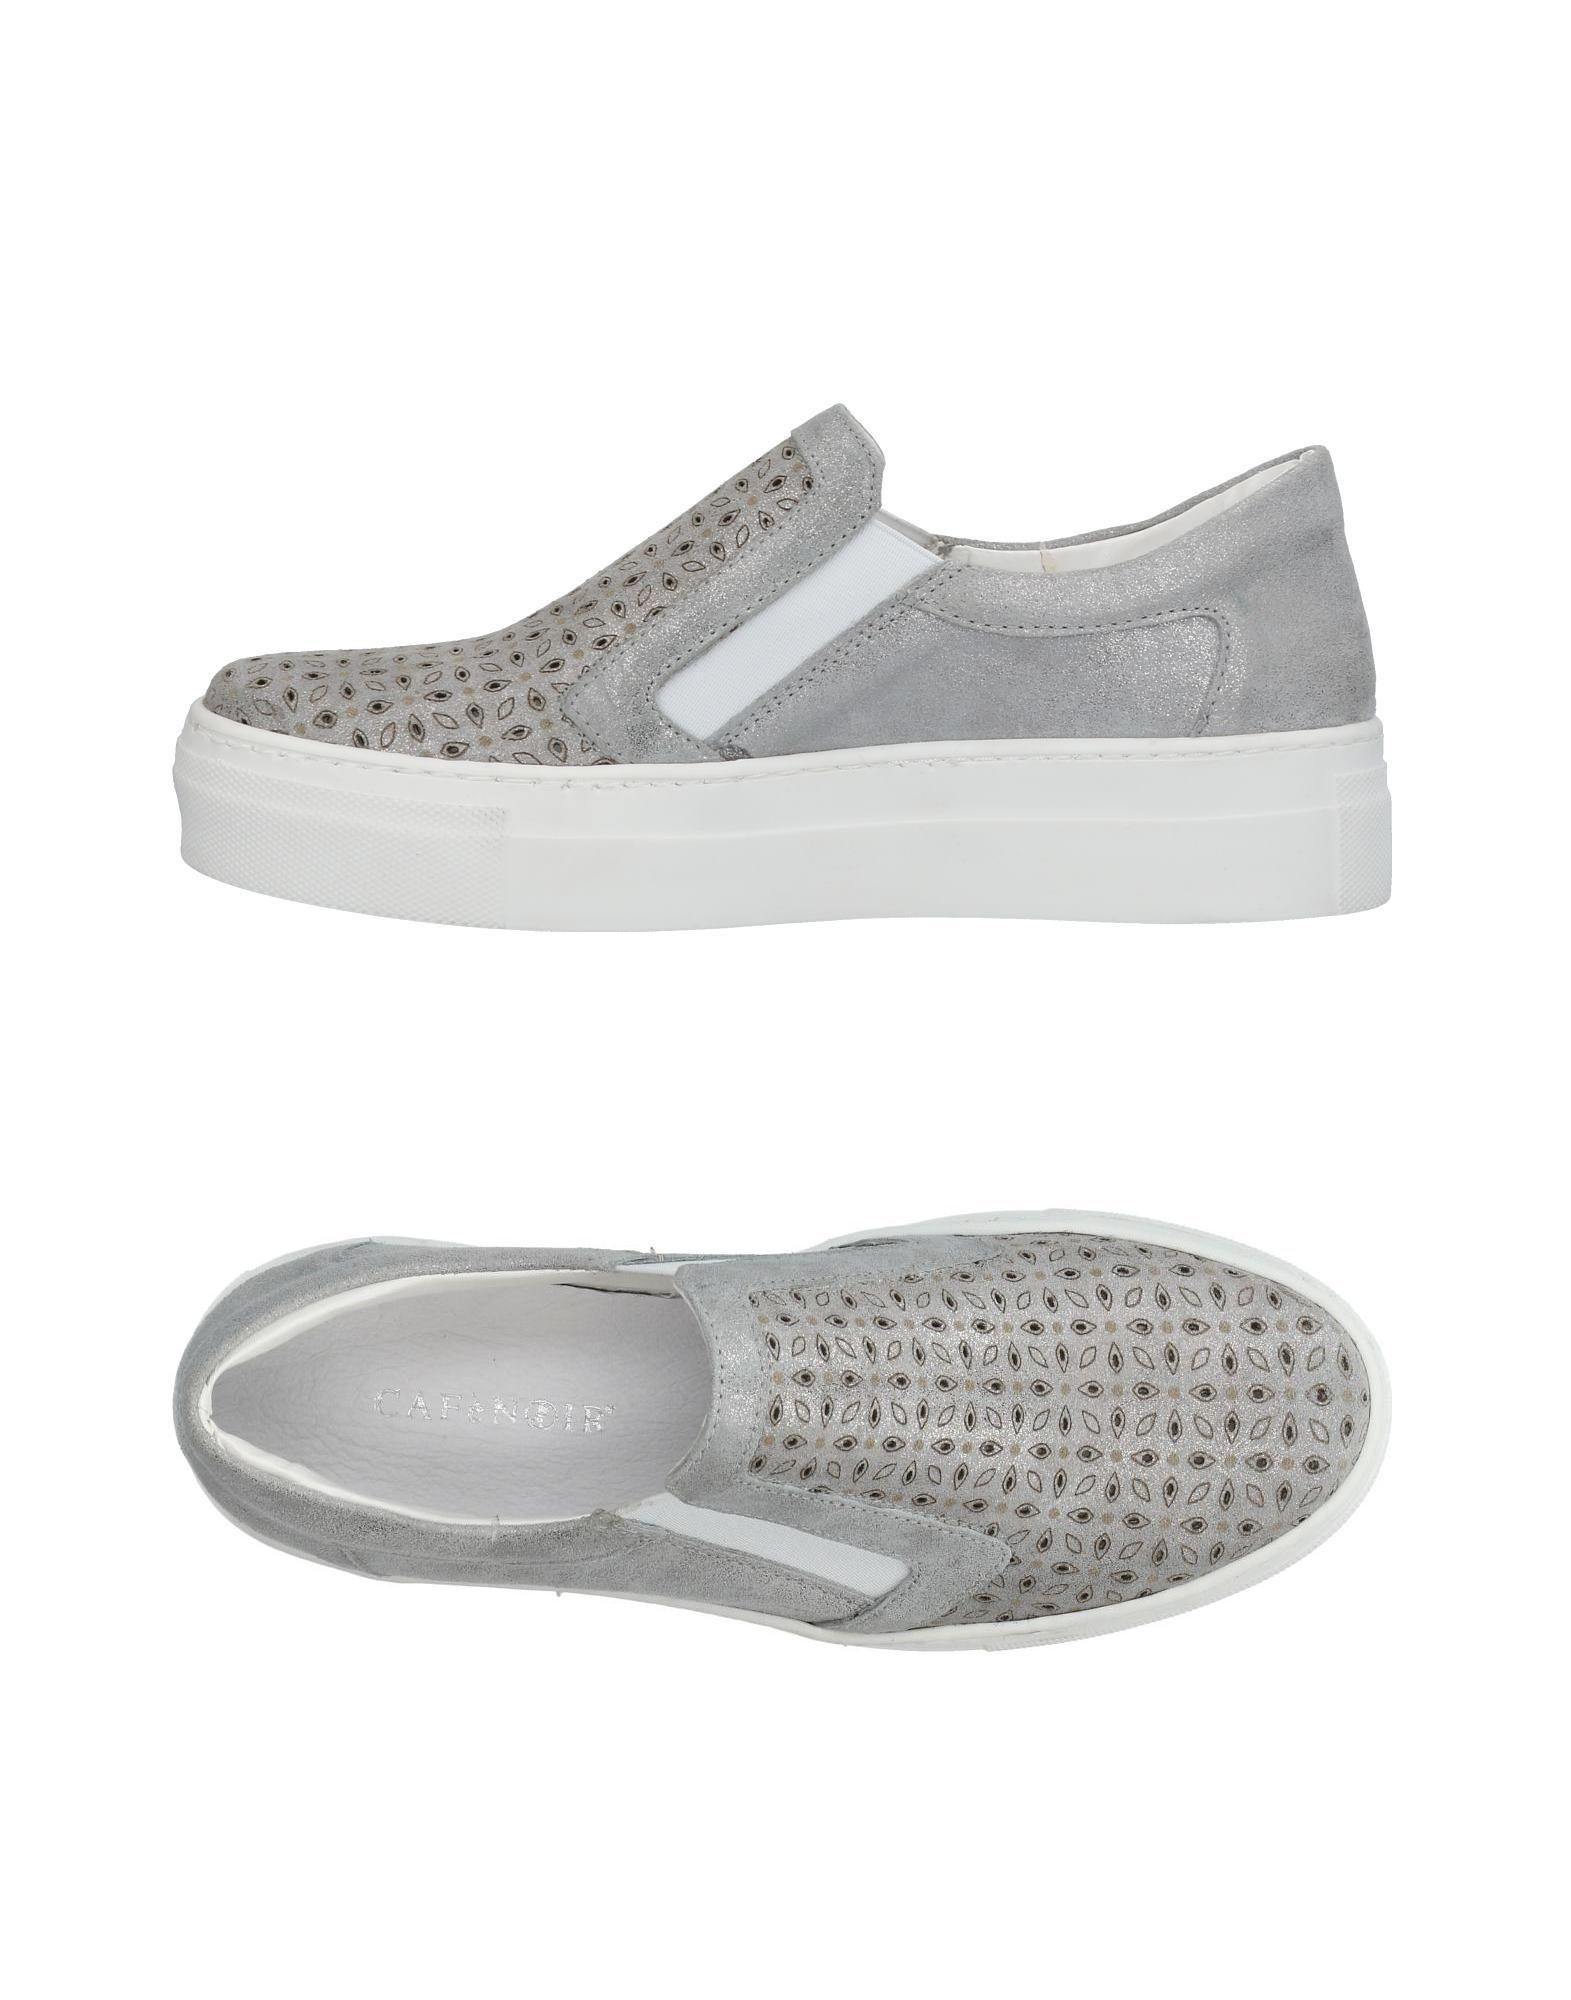 Zapatillas Cafènoir Mujer - Zapatillas Cafènoir  Gris Gris  perla 602fe4